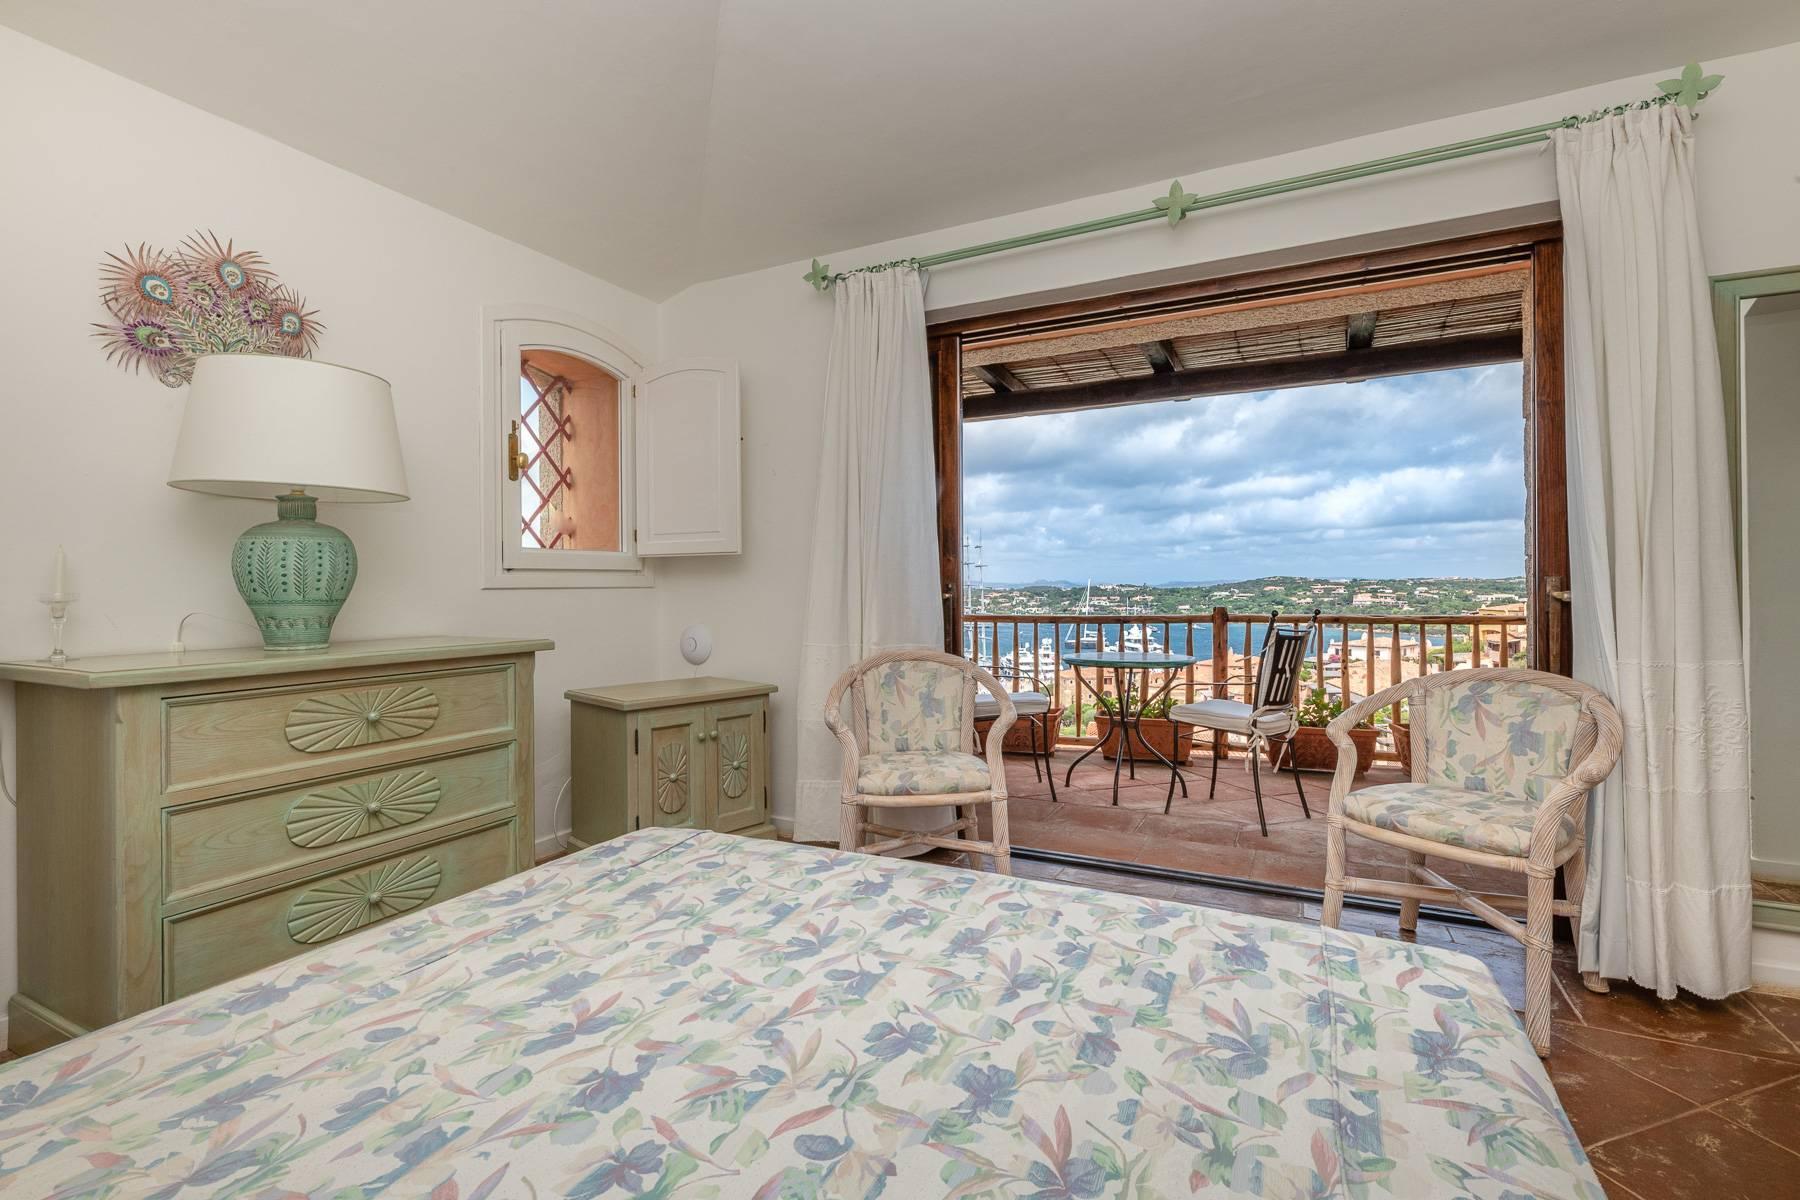 Importante villa indipendente con un impareggiabile panorama, nel cuore di Porto Cervo. - 12